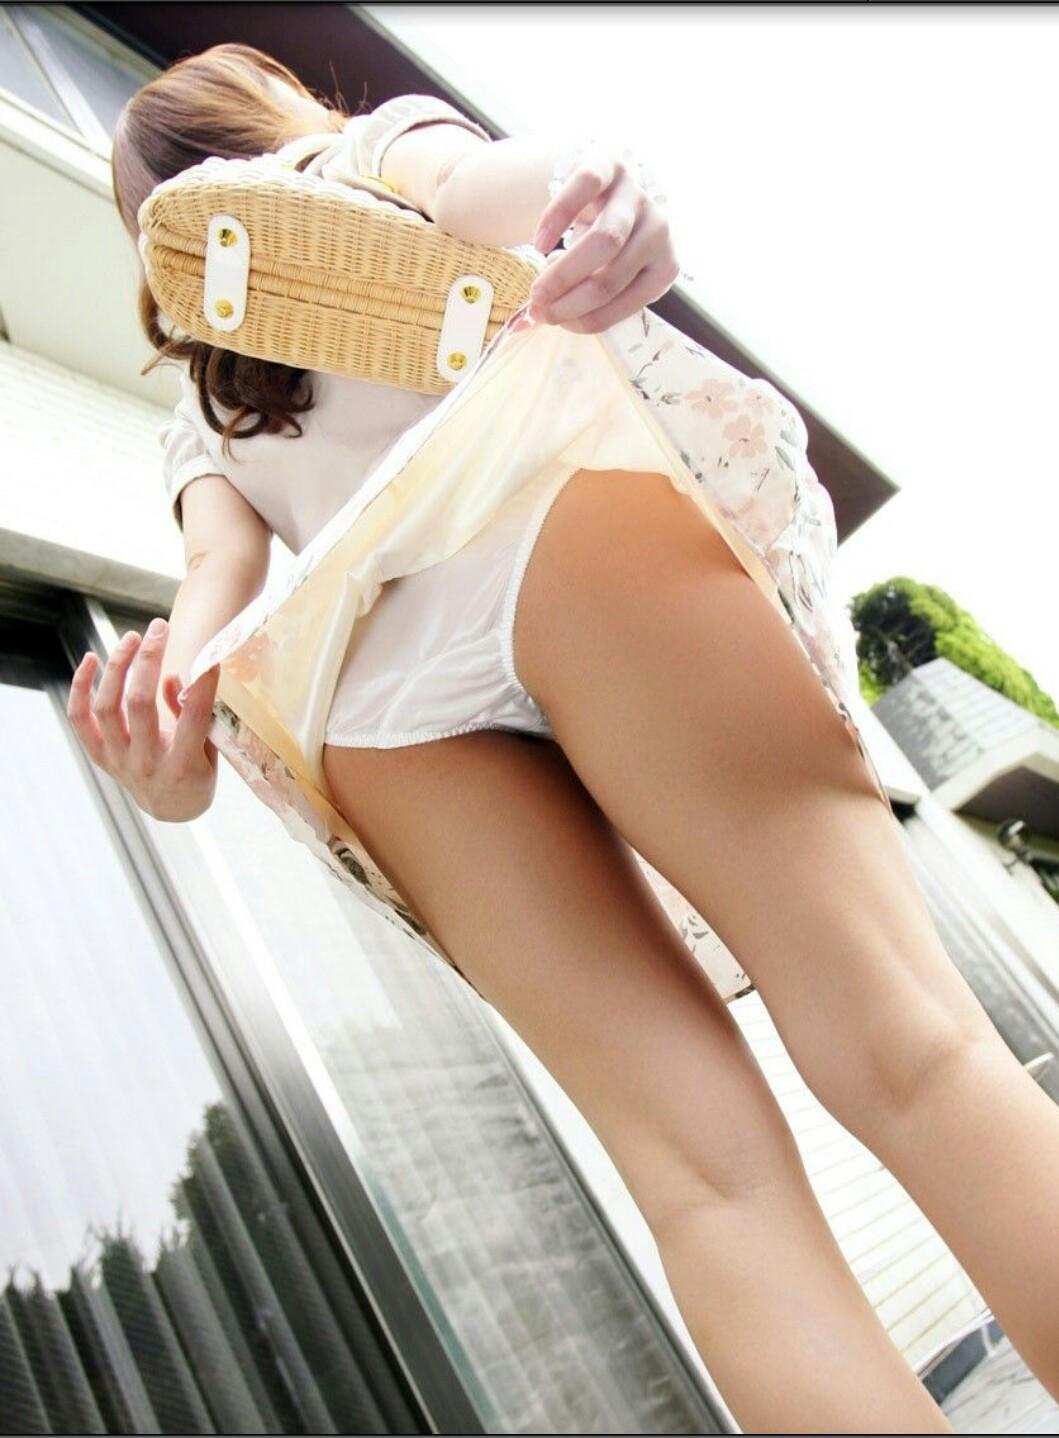 【パンモロエロ画像】対する答えはYESのみ!露骨に誘う美女のスカートたくし上げwww 10